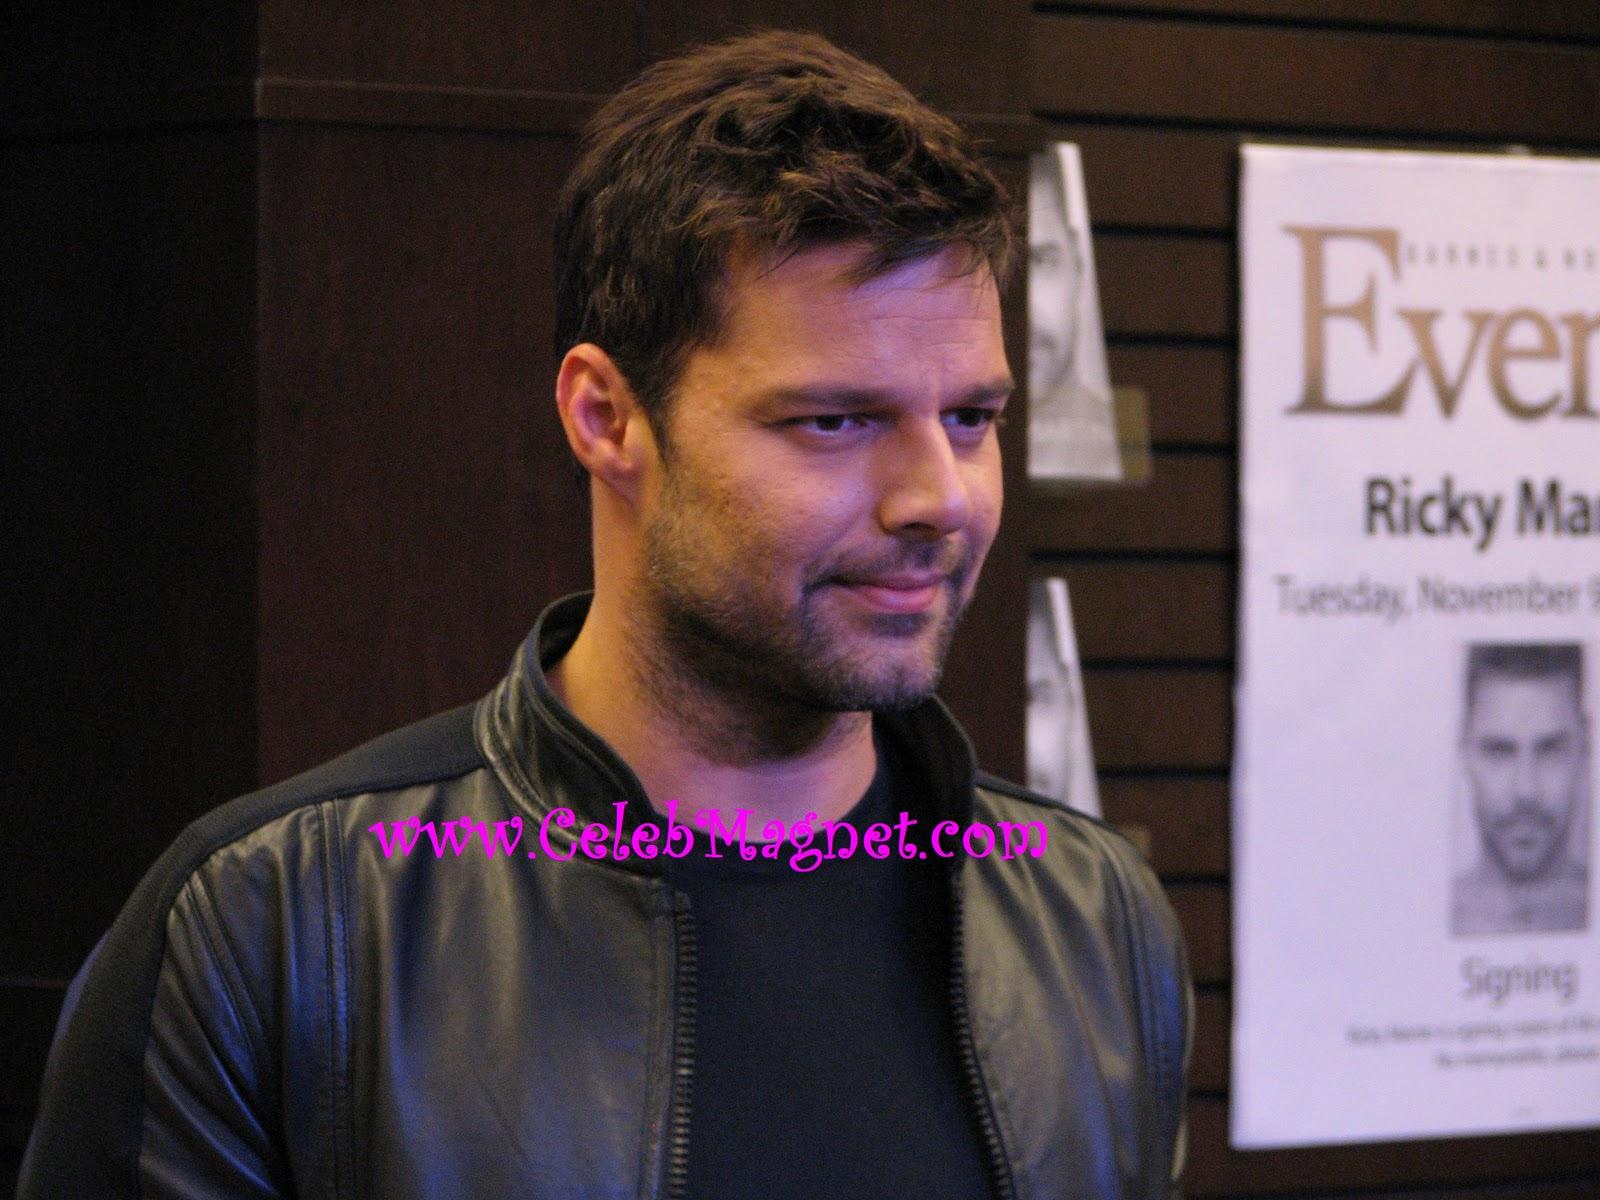 http://4.bp.blogspot.com/_LQQ5FS2UDbY/TNpGeUcmEgI/AAAAAAAACx0/Eu0CMchEMSI/s1600/Ricky+Martin+Book+Signing+Grove+7.jpg